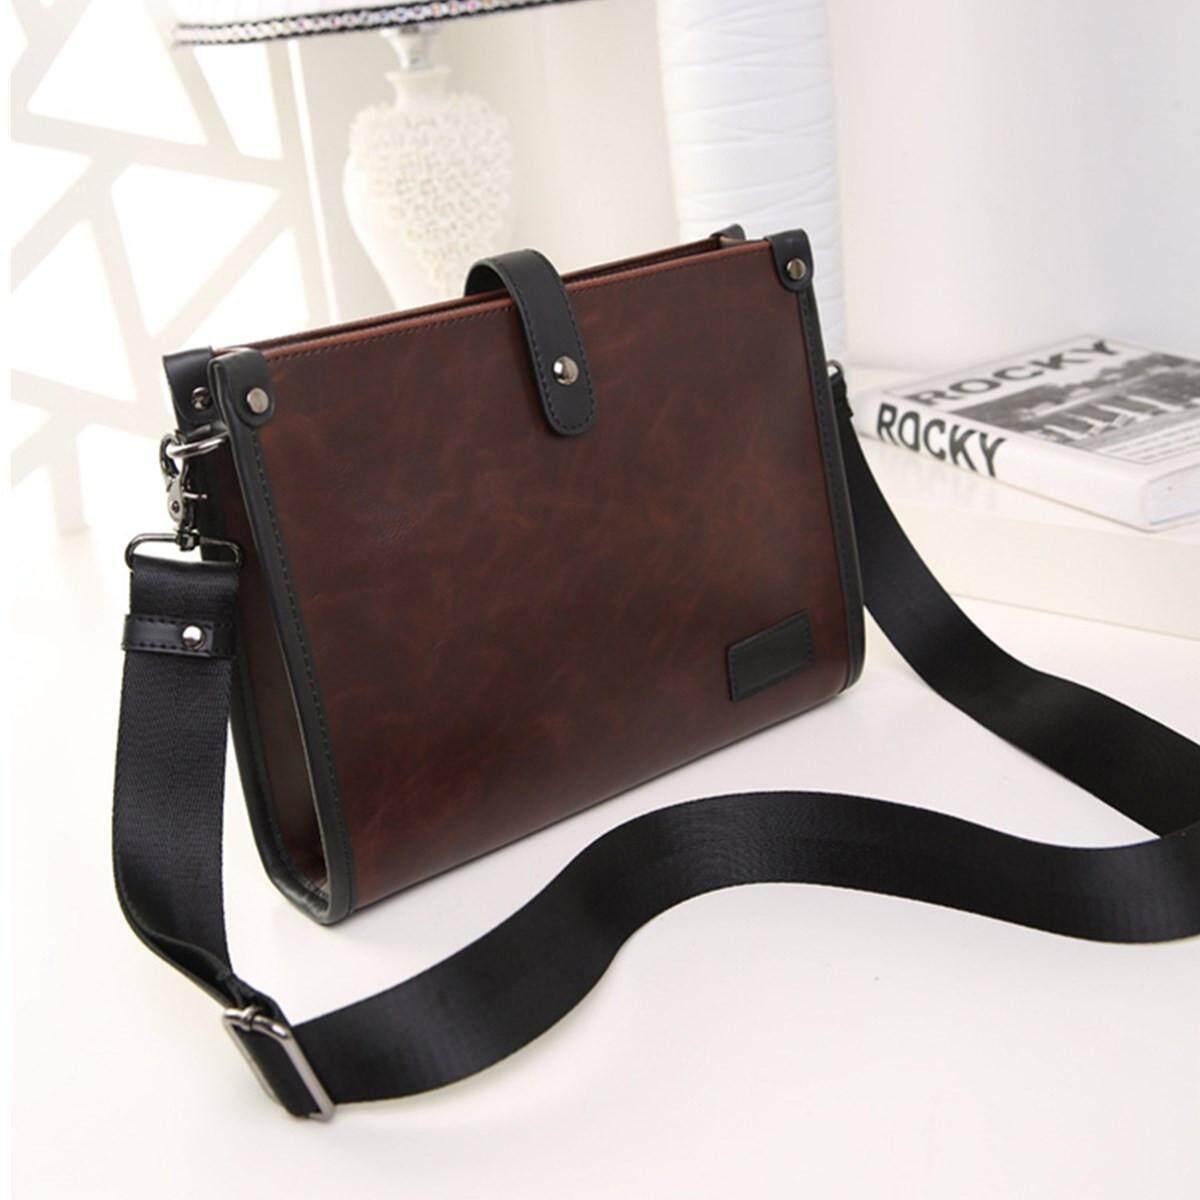 060c7d3235be Fashion Men's Leather Business Briefcase Bag Handbag Messenger Shoulder Bags  - intl